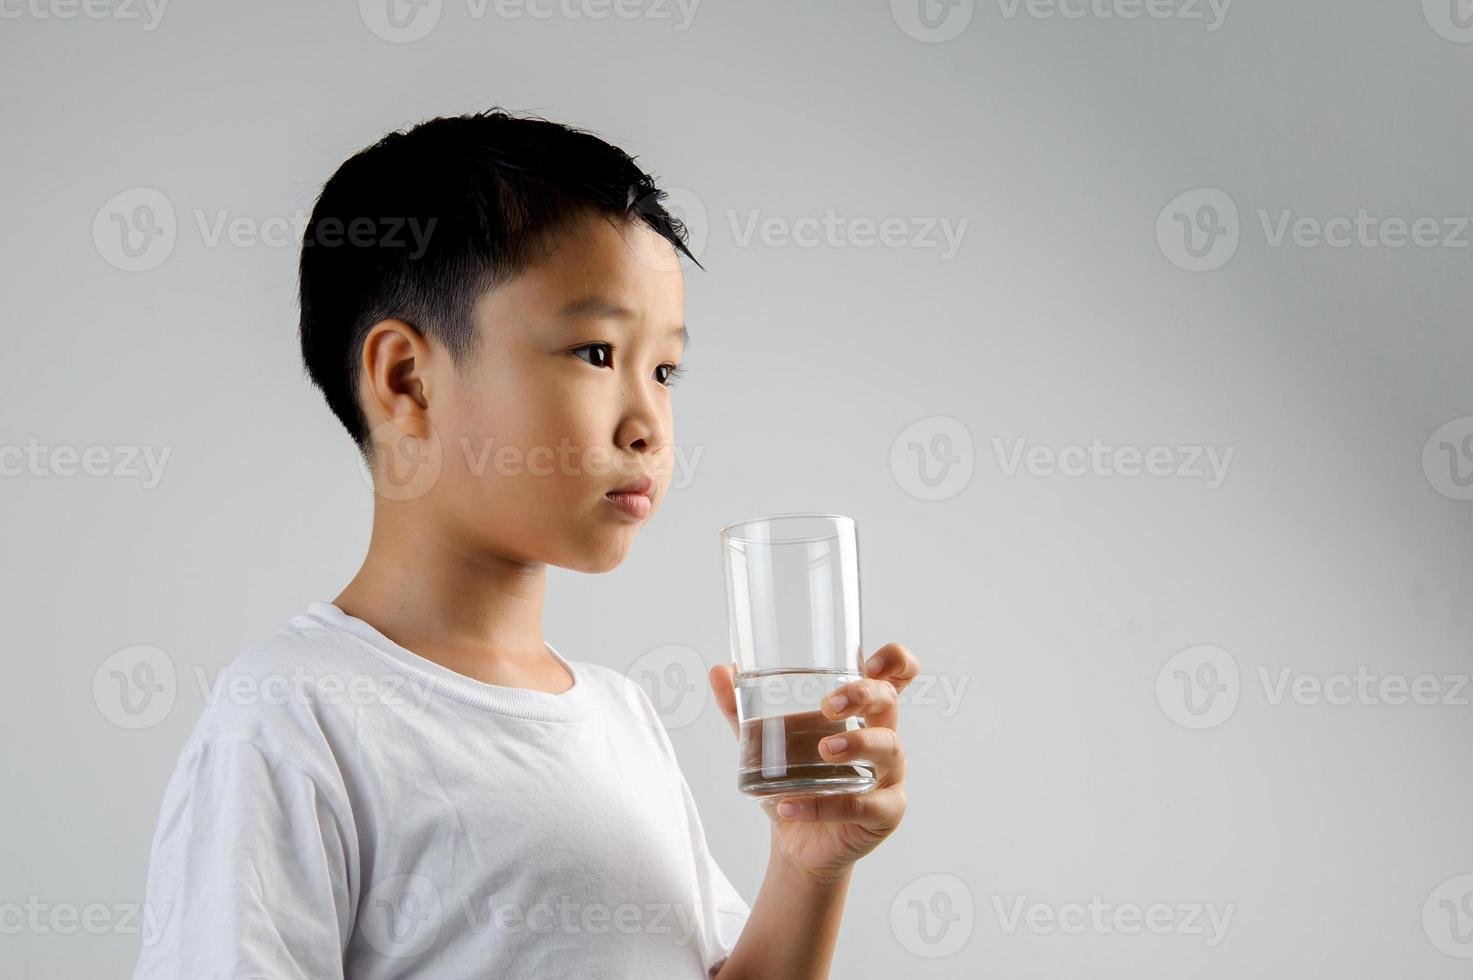 Junge trinke Wasser aus Glas foto